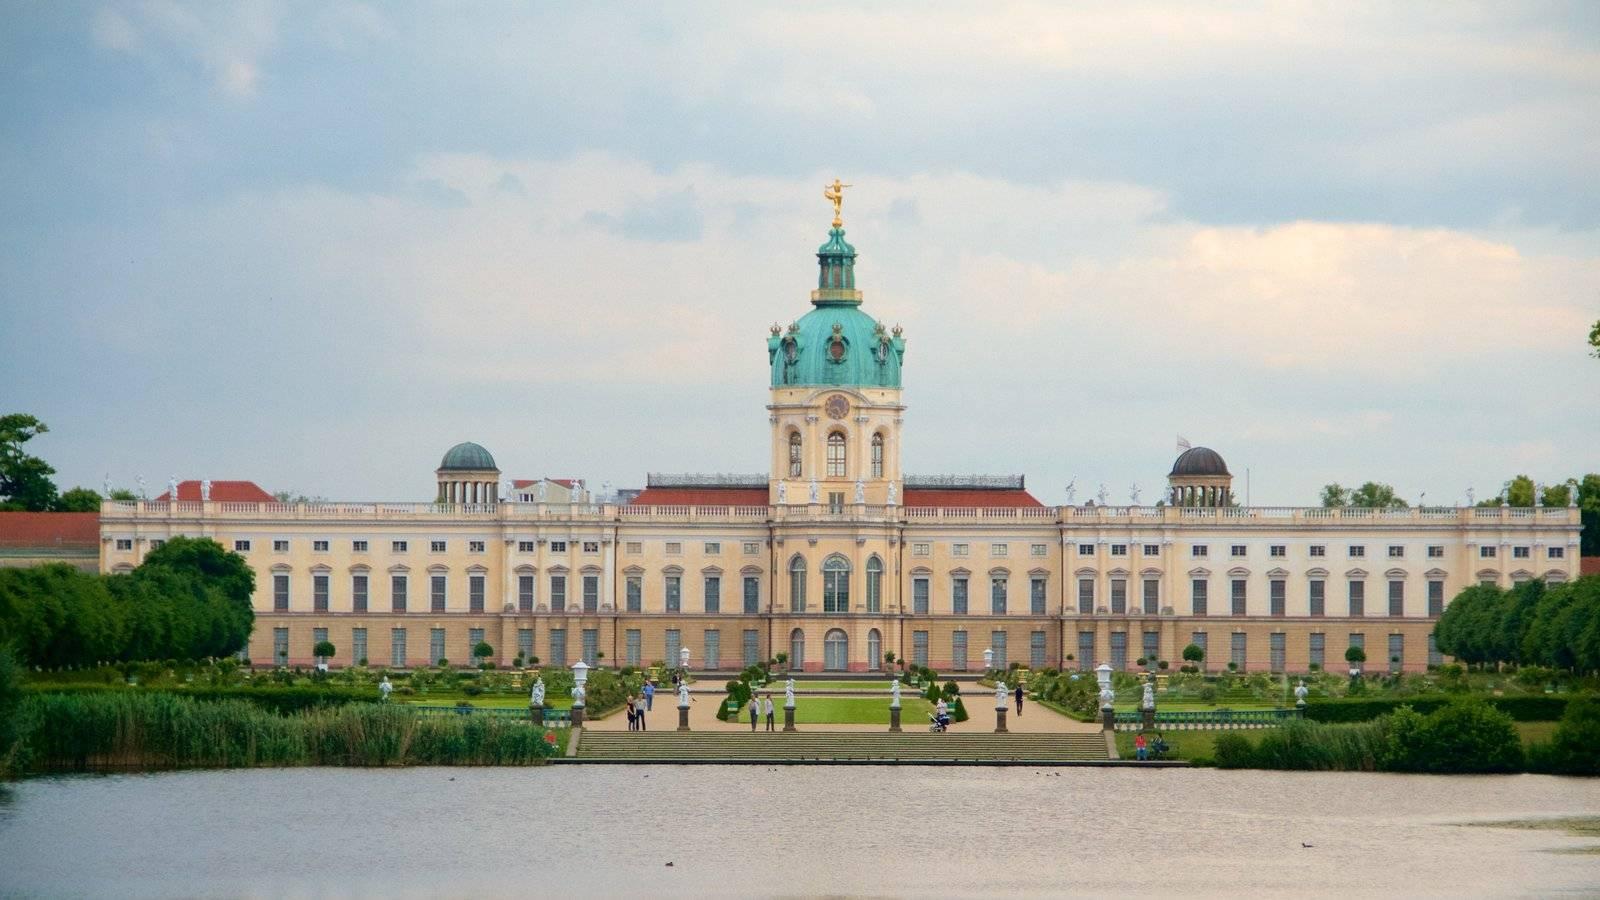 берлин (berlin)